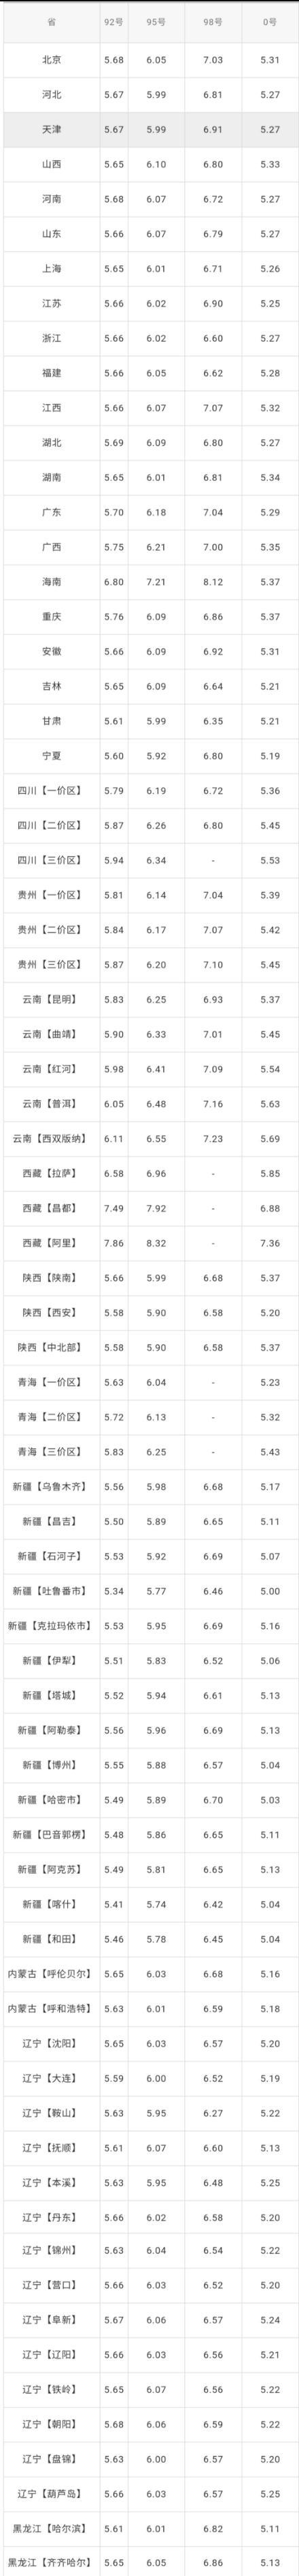 全国油价调整信息:8月12日调整后:全国92、95号汽油价格表